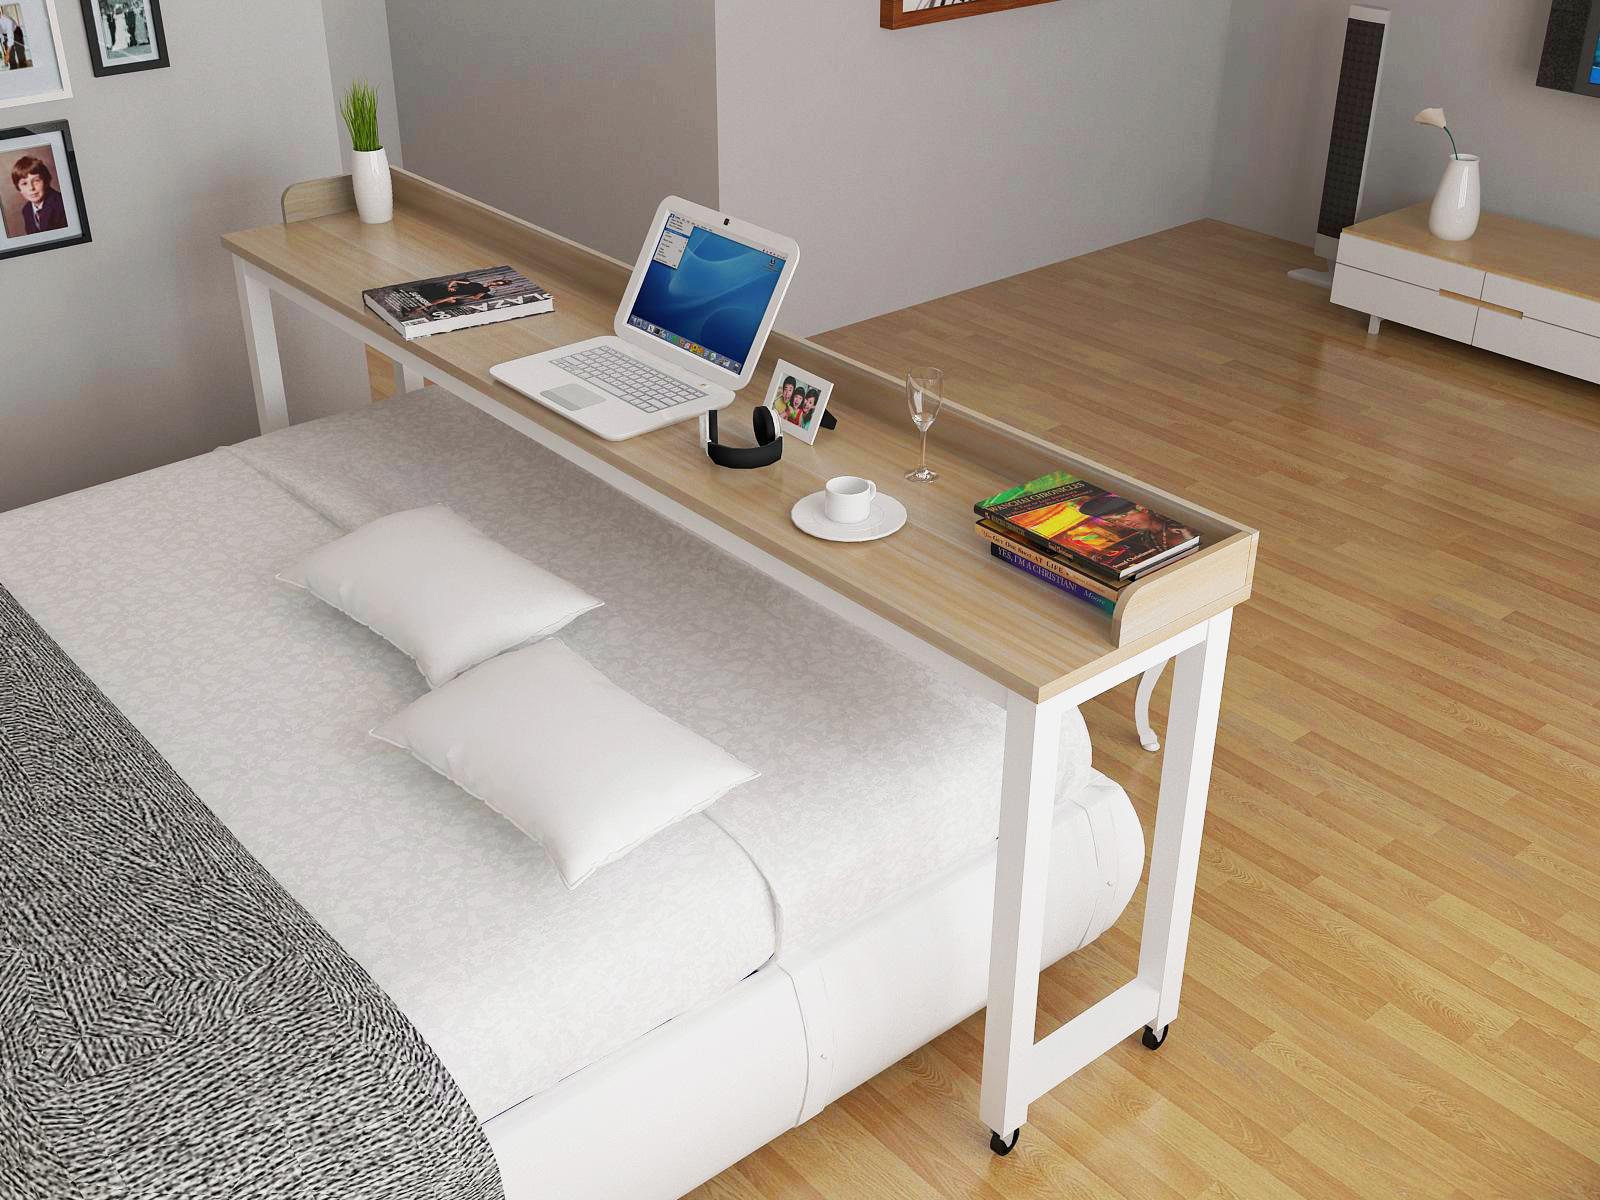 длинный прикроватный столик во всю ширину кровати